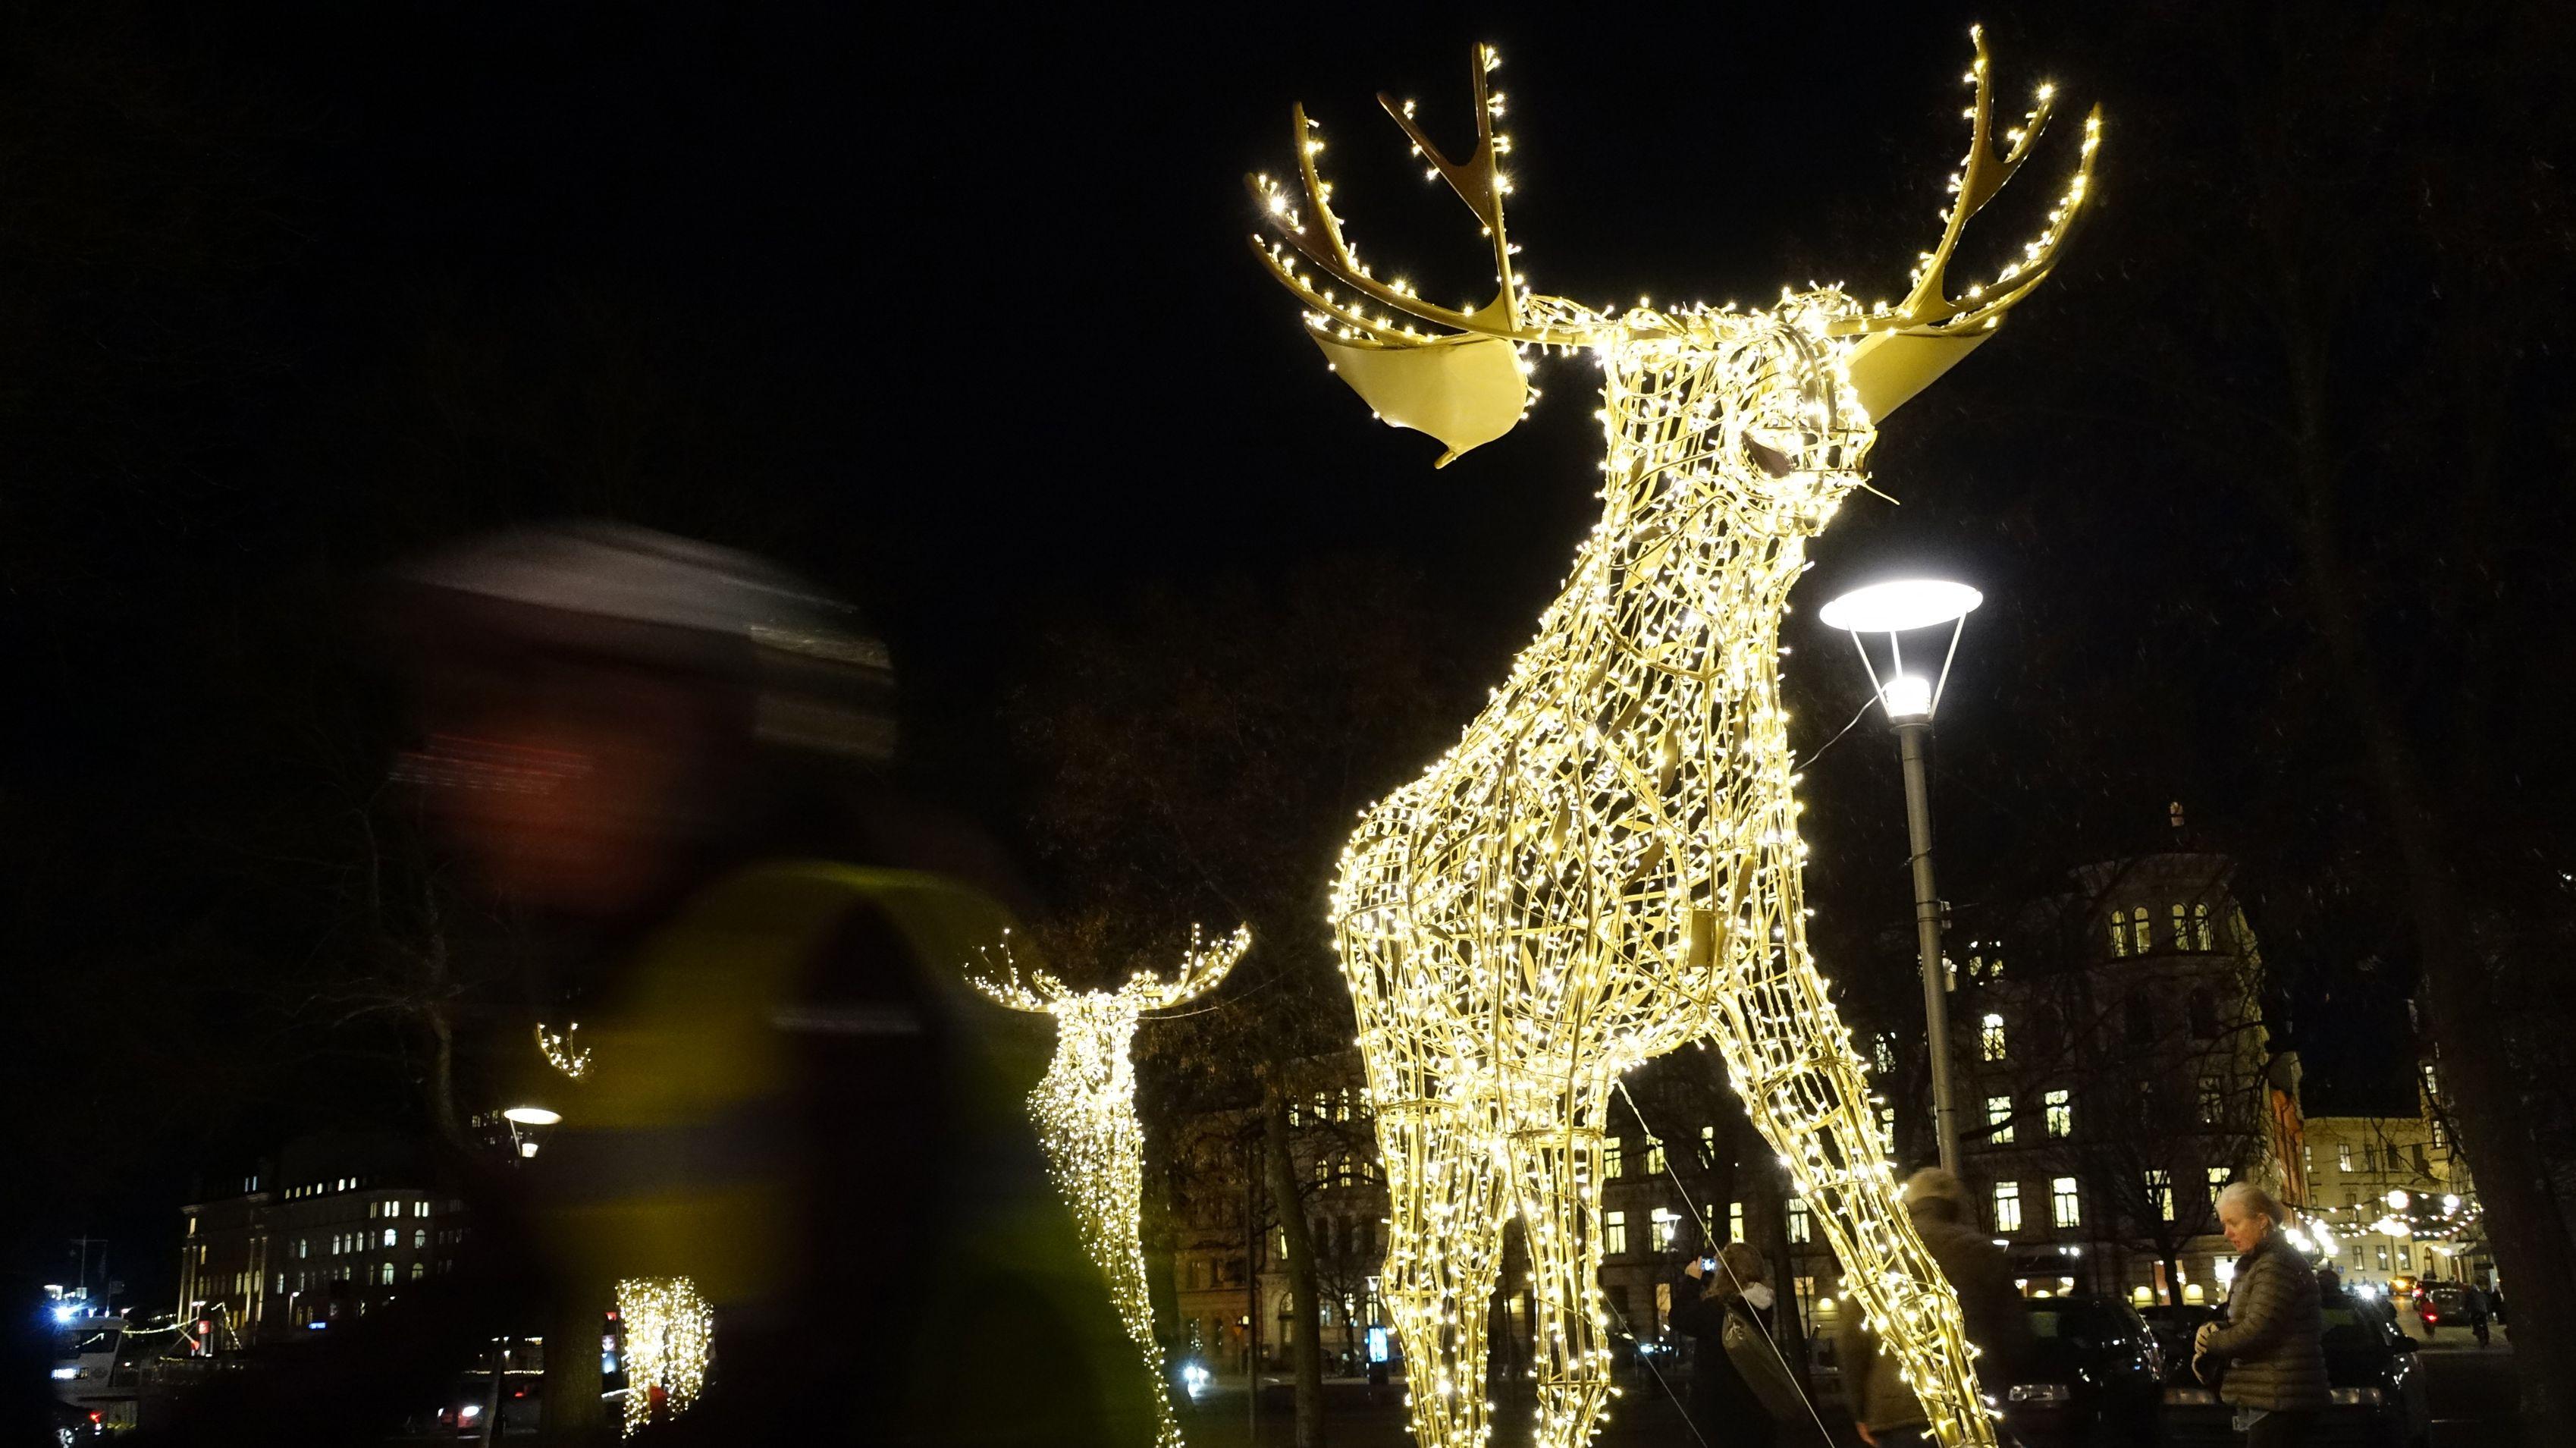 Elch-Leucht-Deko in Stockholm